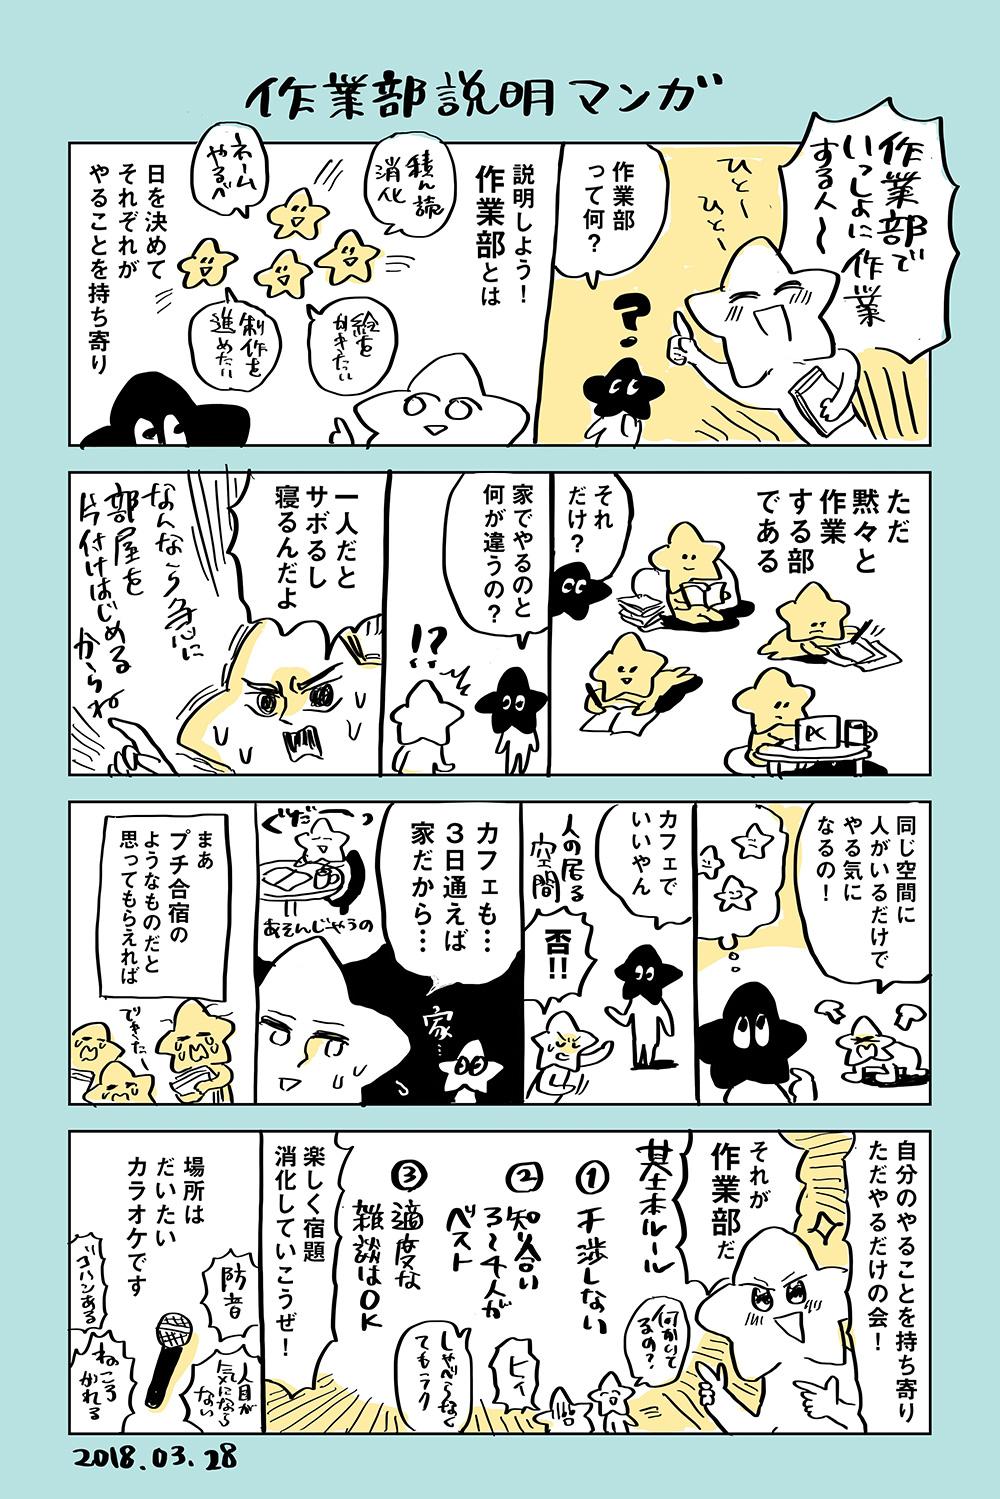 p_sagyobu_00